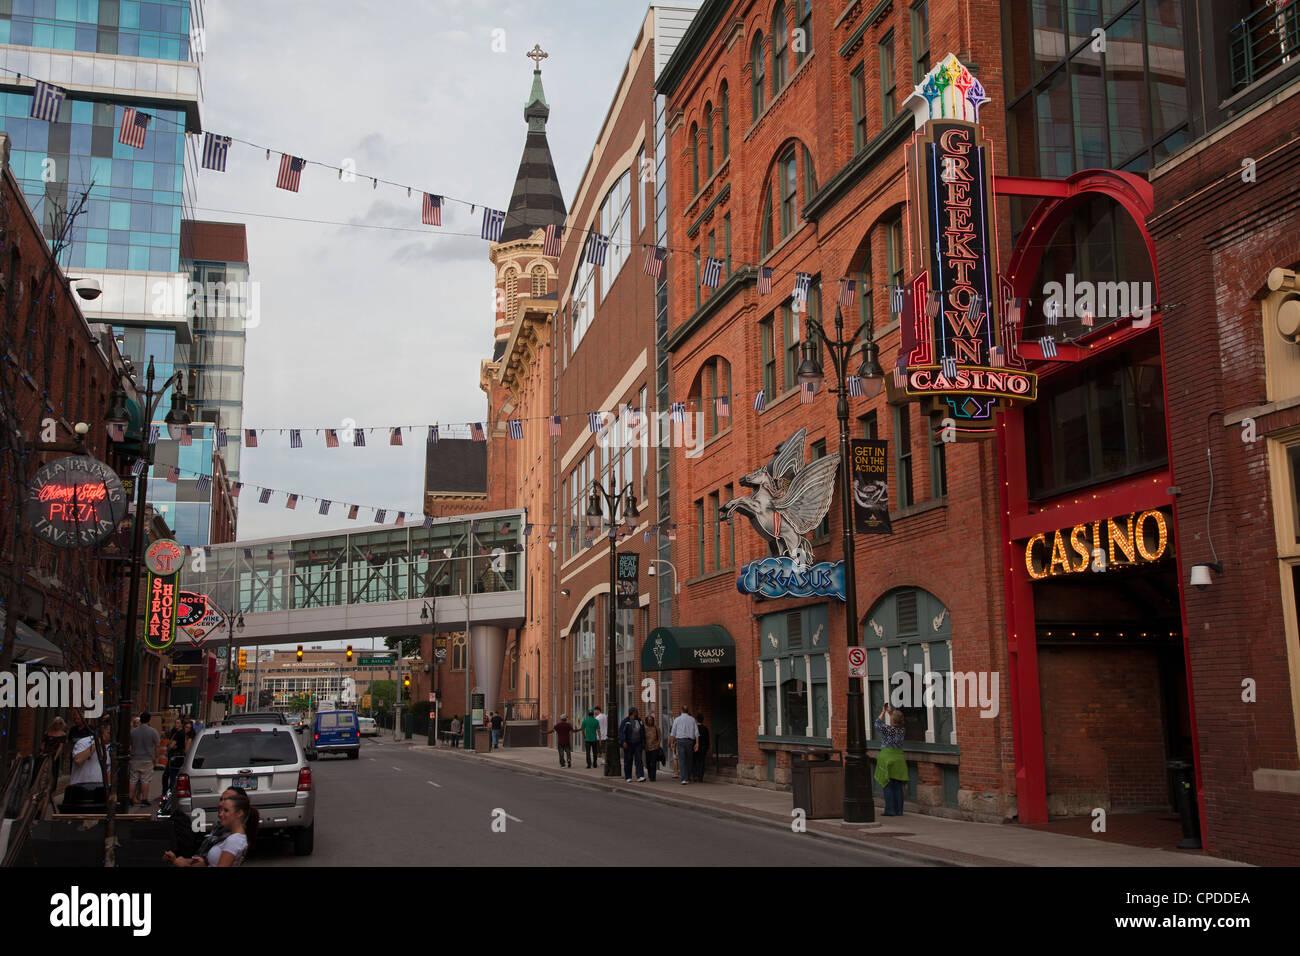 Greektown nightlife, Detroit, Michigan - Stock Image